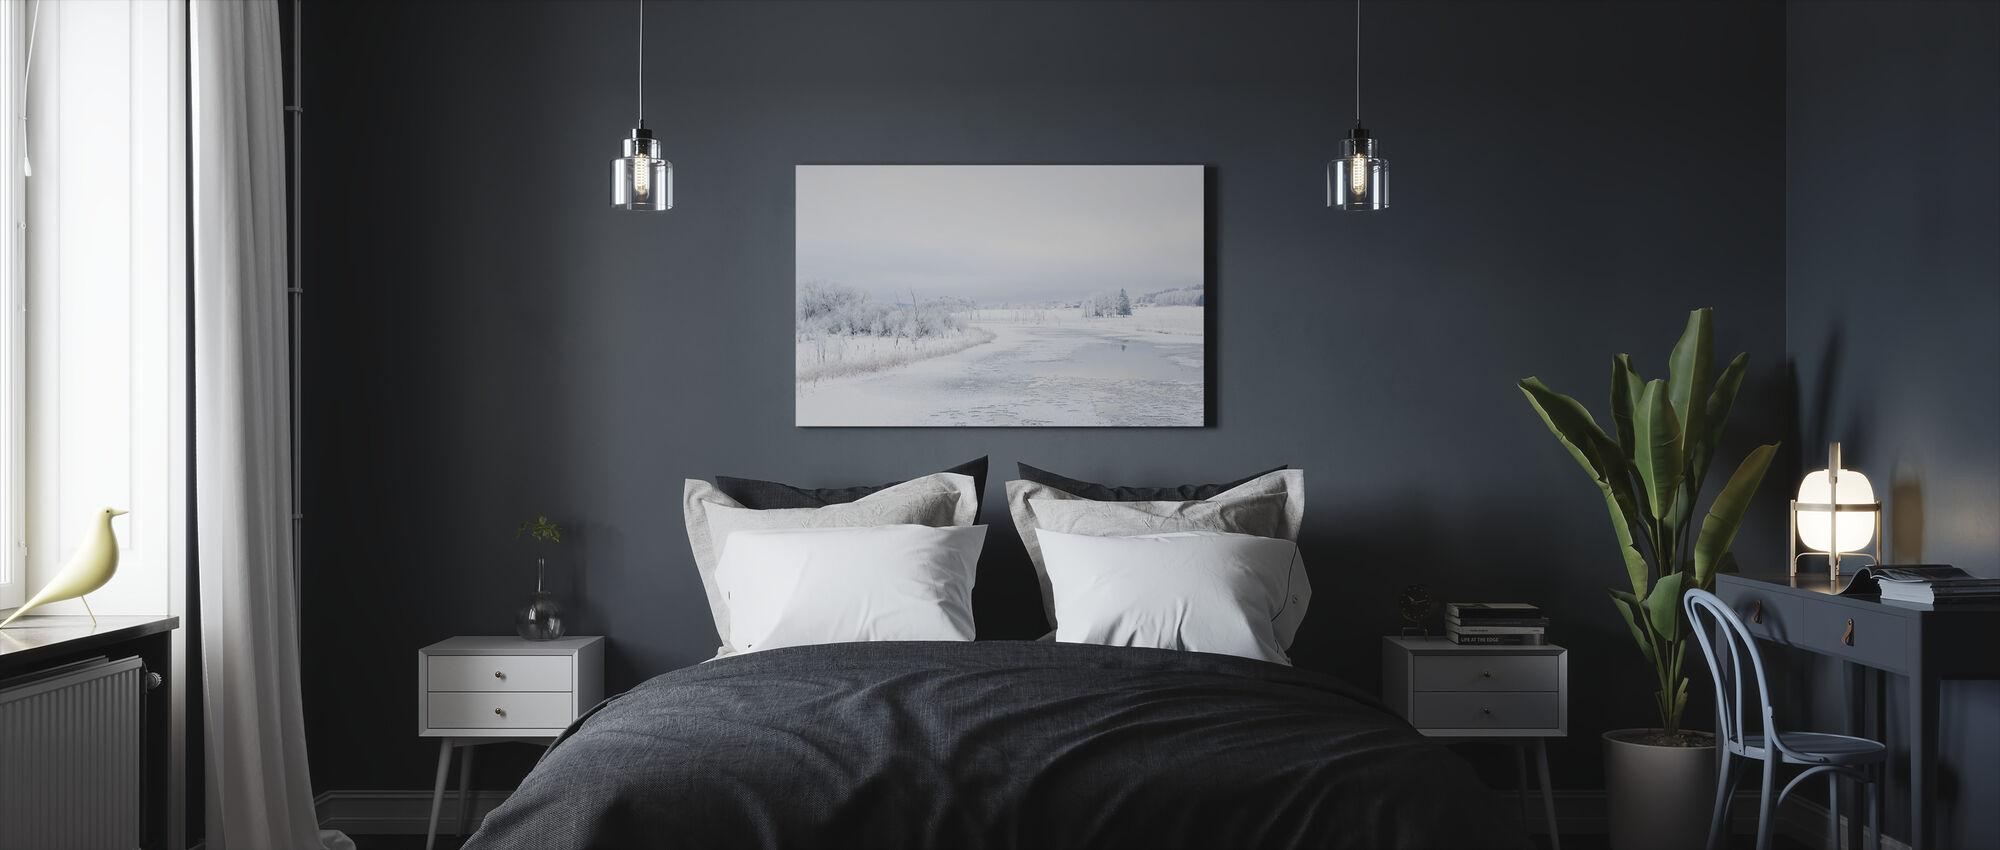 Svartån en invierno, Suecia - Lienzo - Dormitorio